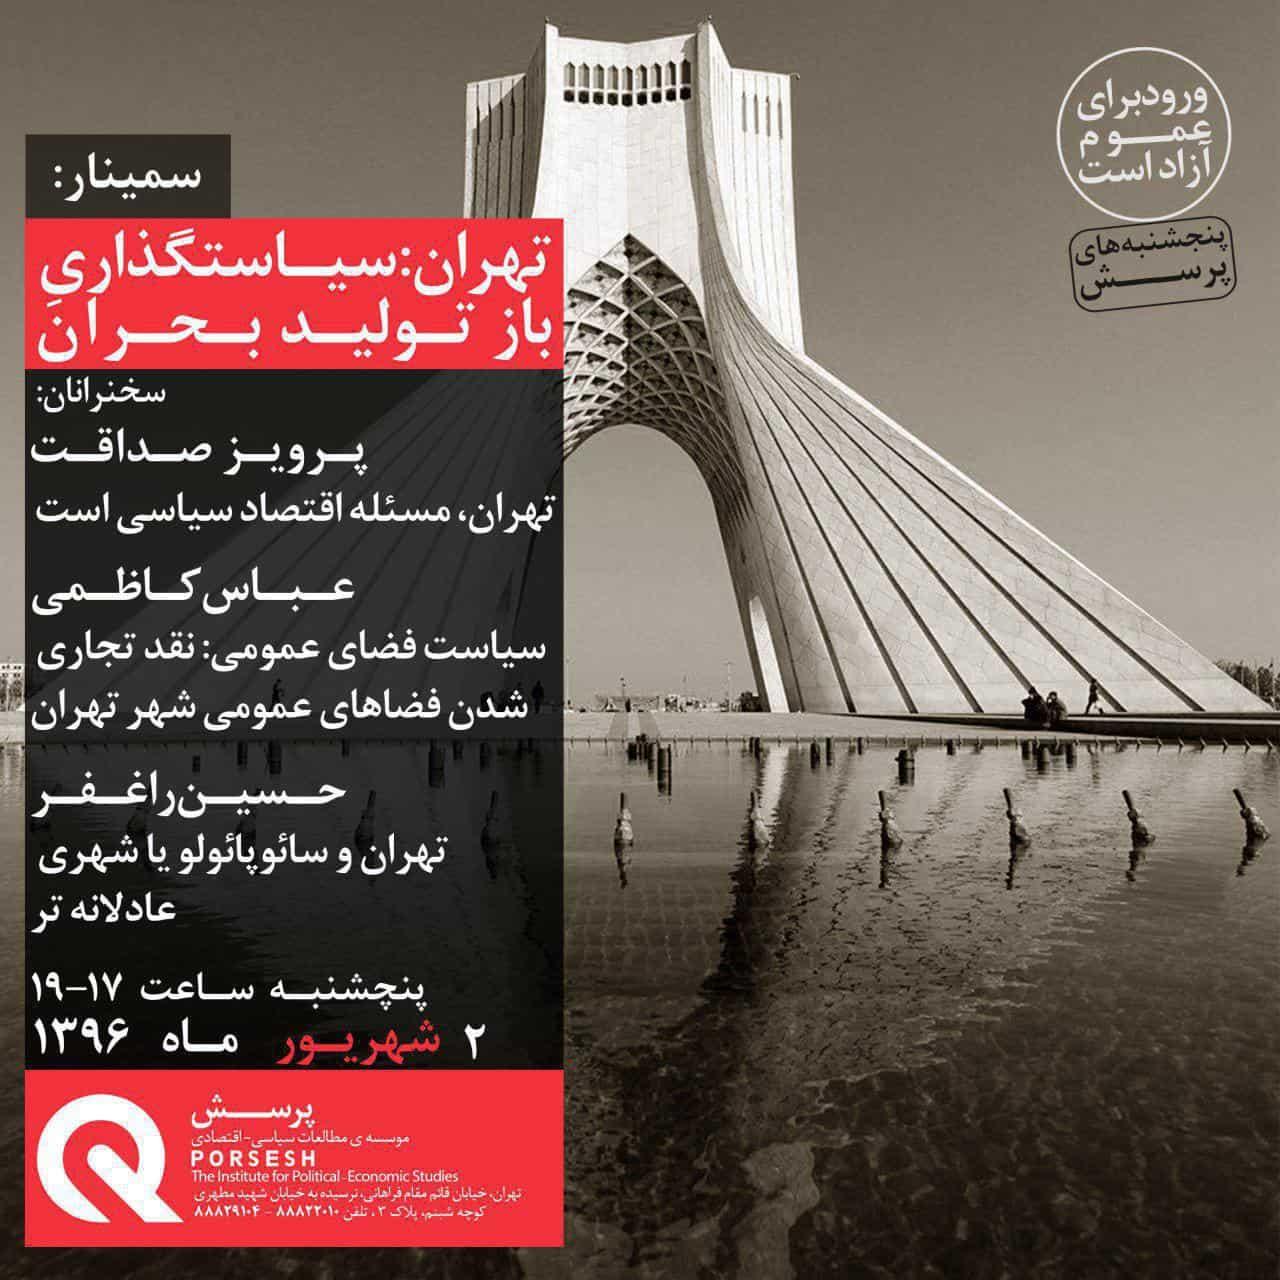 برگزاری سمینار تهران سیاستگذاری بازتولید بحران